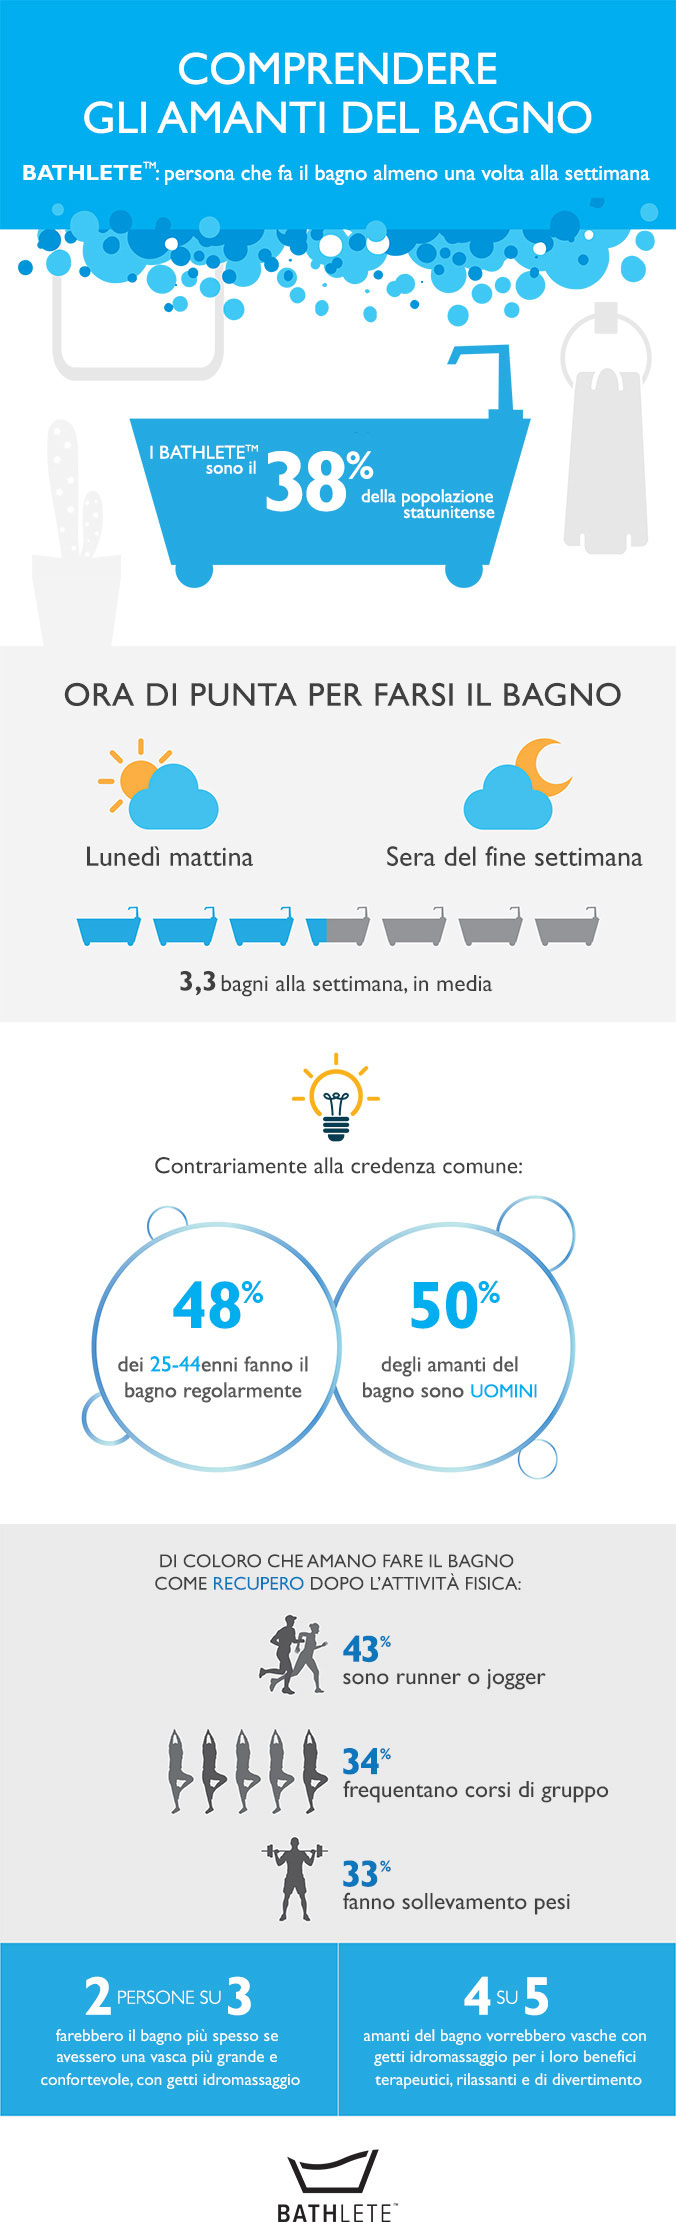 100-bathlete-infographic